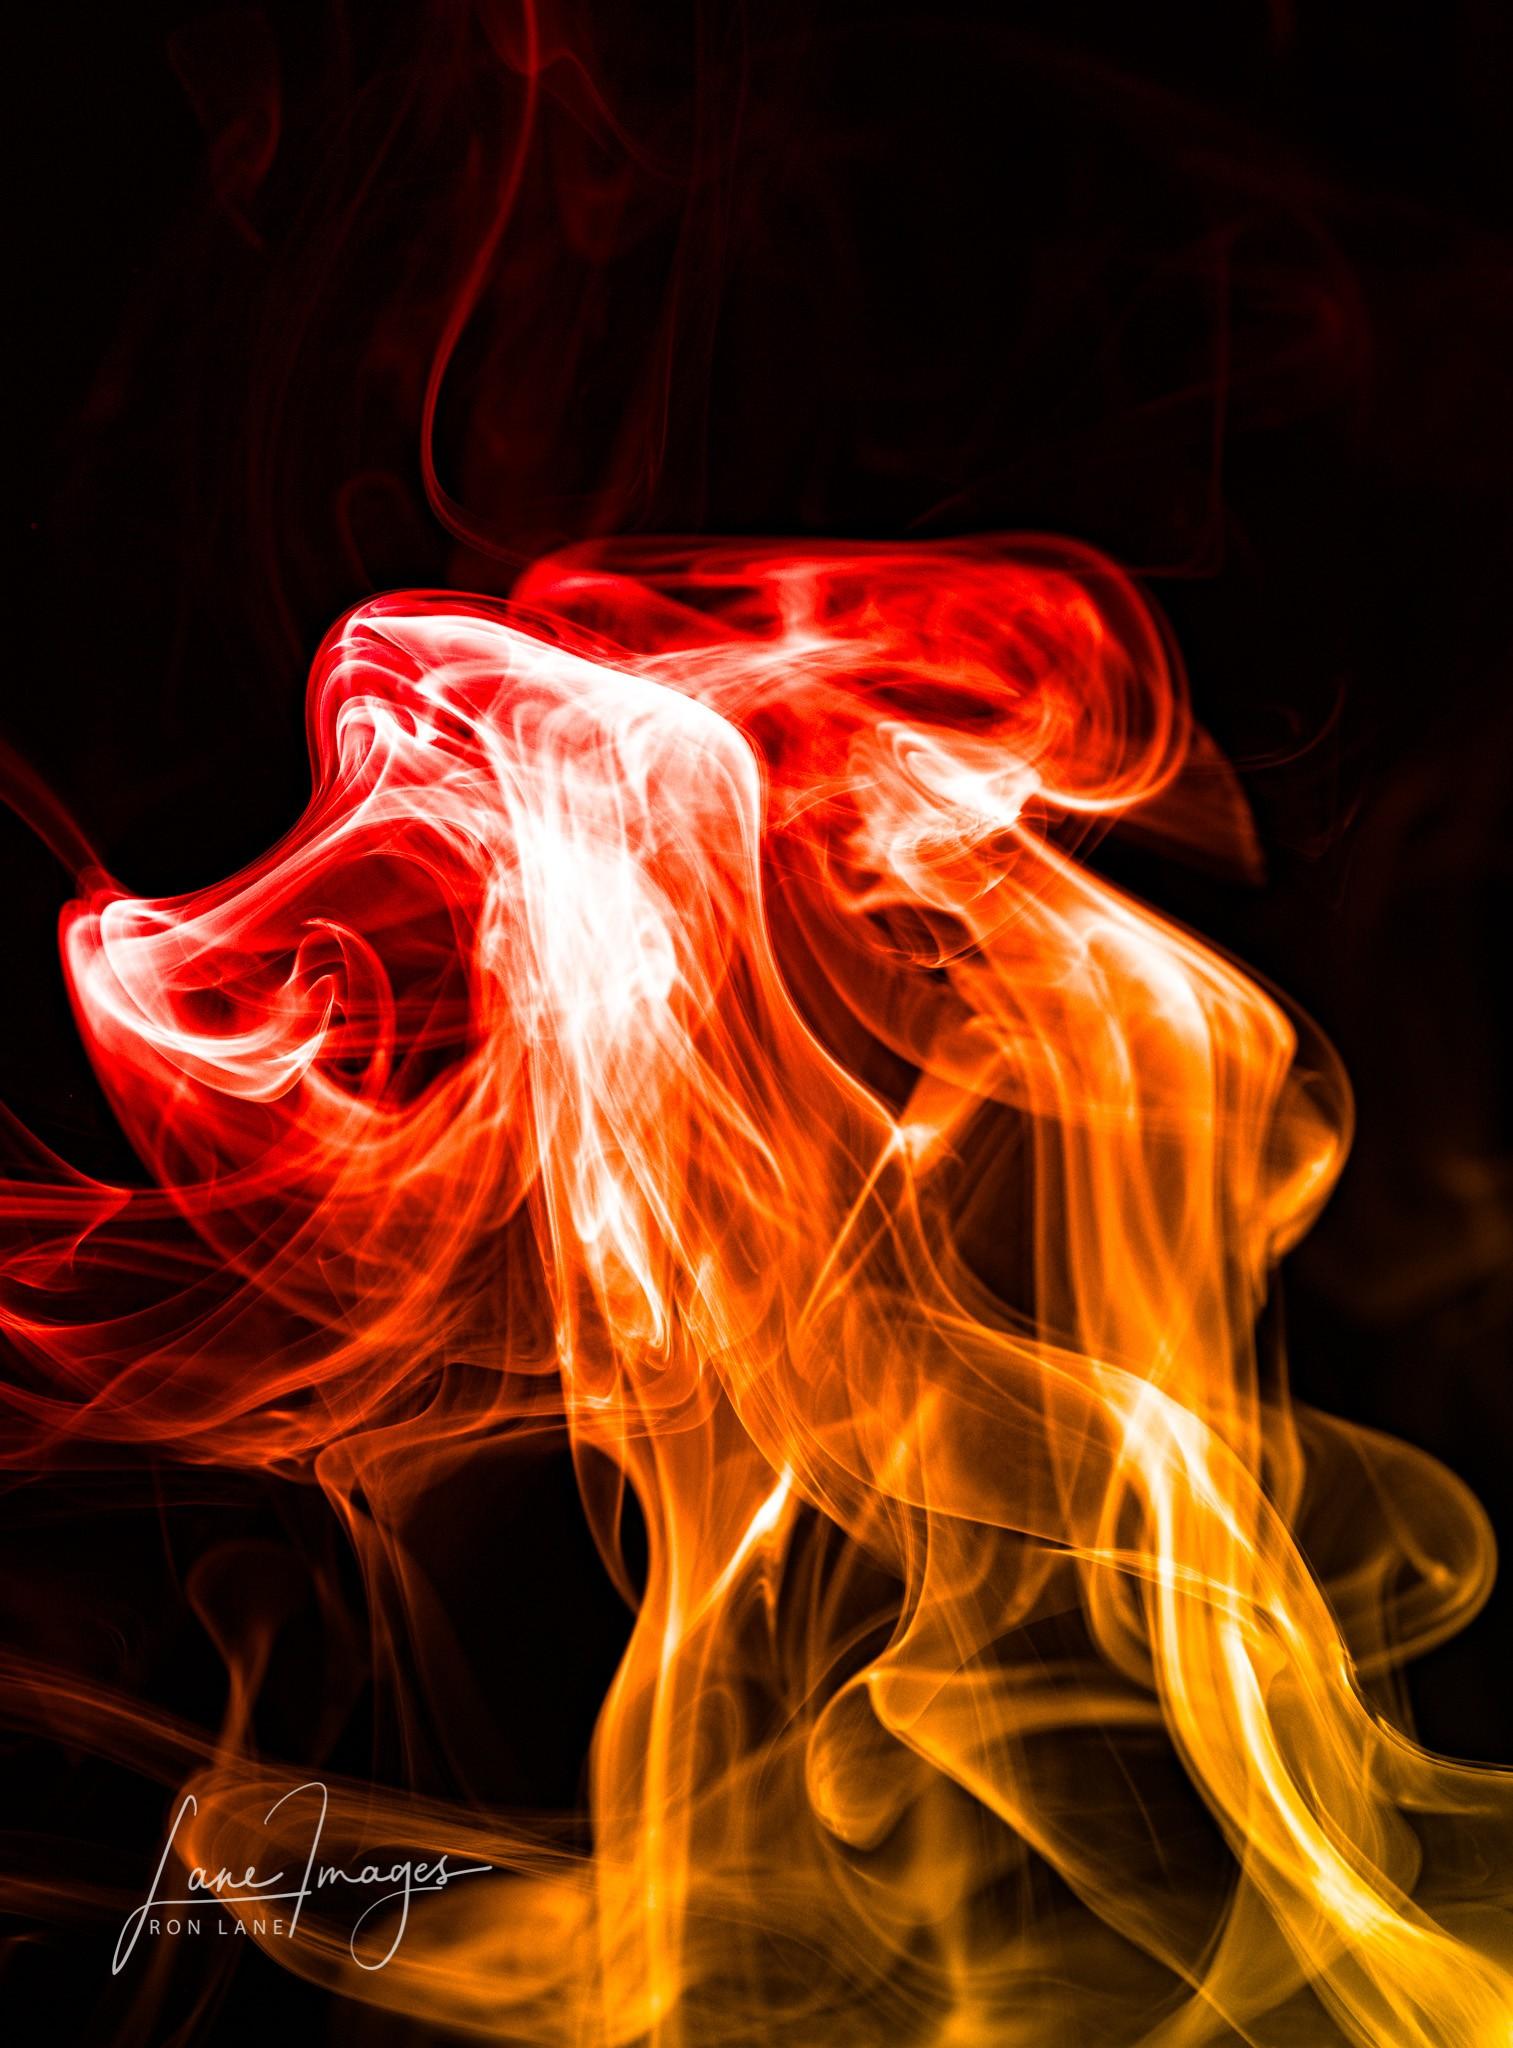 smoke-260-Edit.jpg